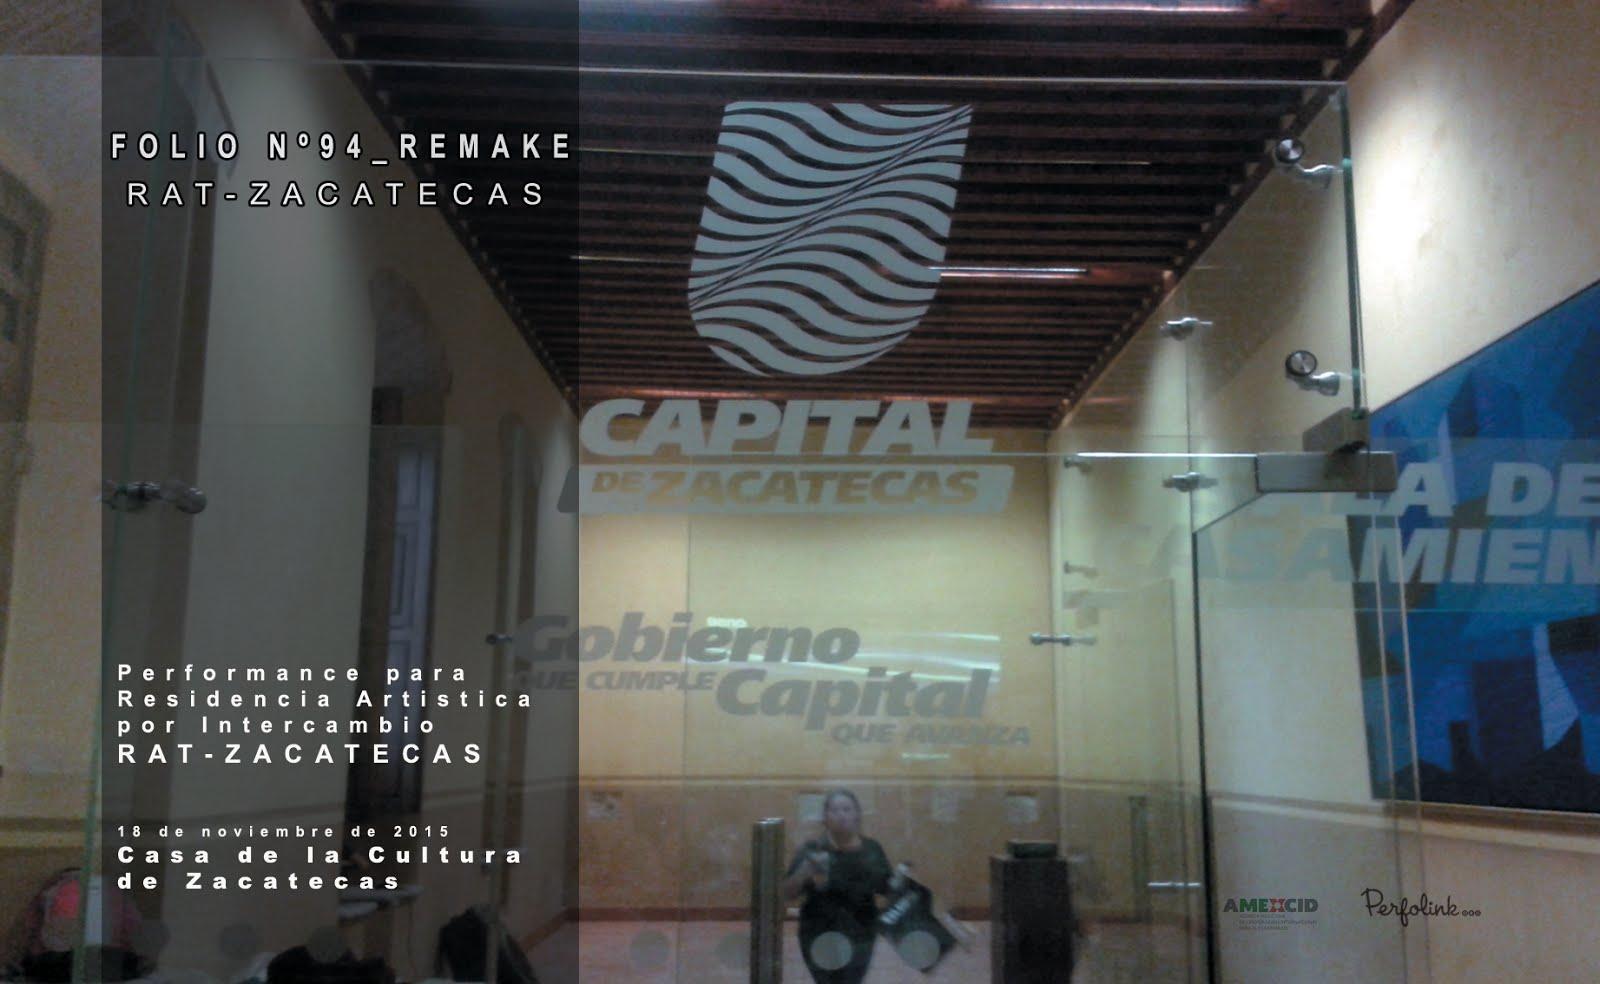 Residencias Artísticas por Intercambio [R.A.T.]